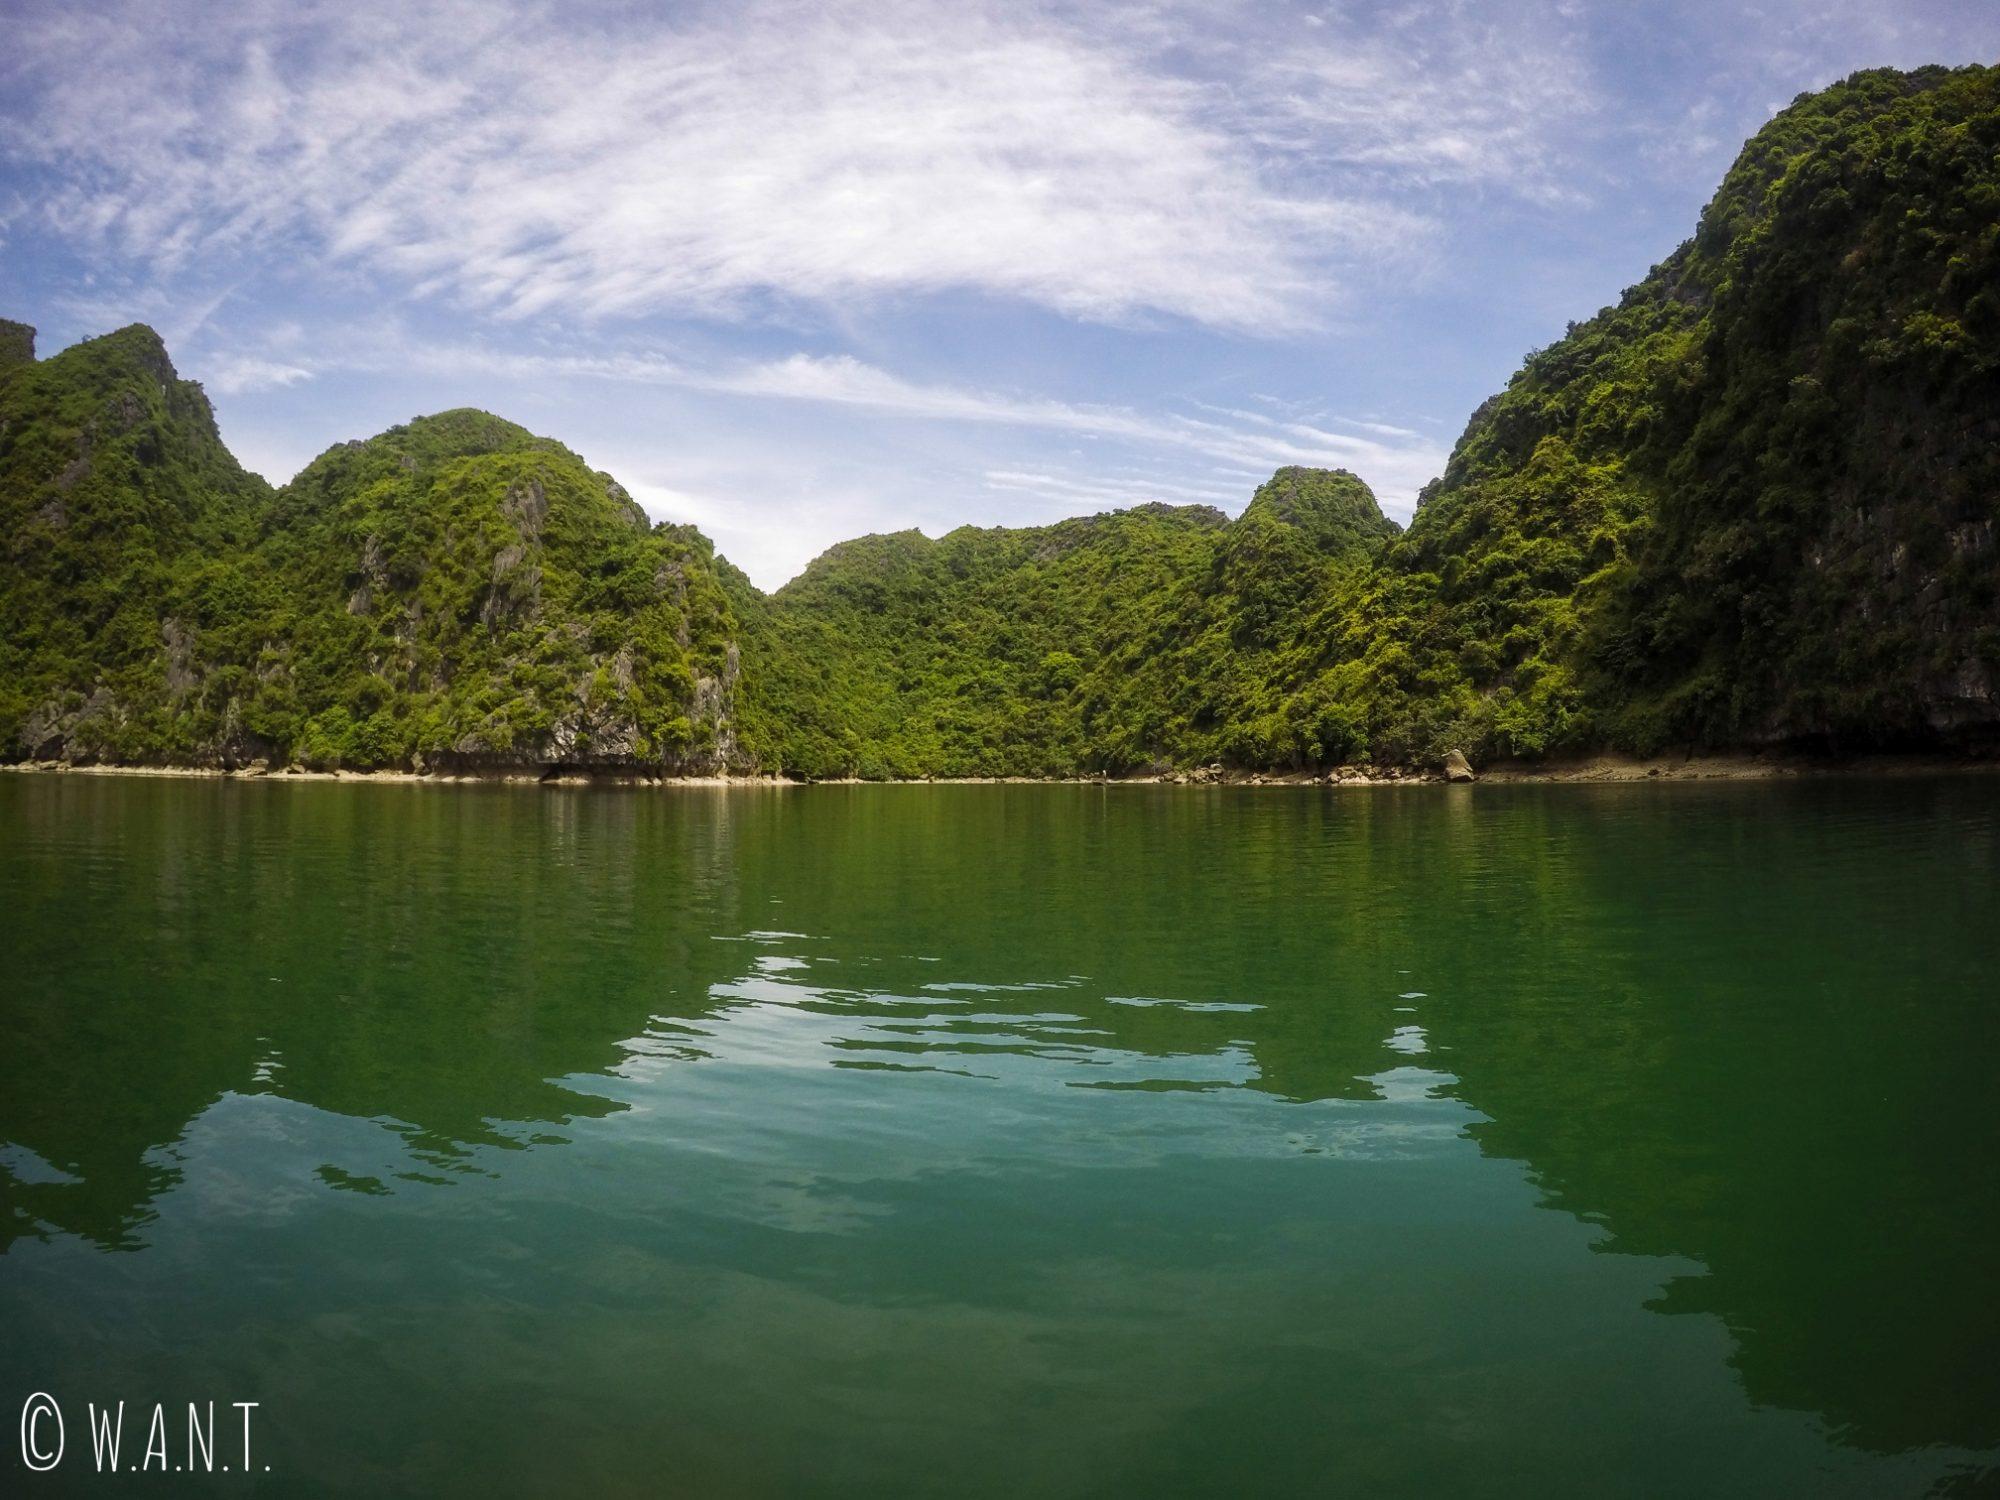 Balade en kayak autour des pics karstiques de la Baie d'Ha Long